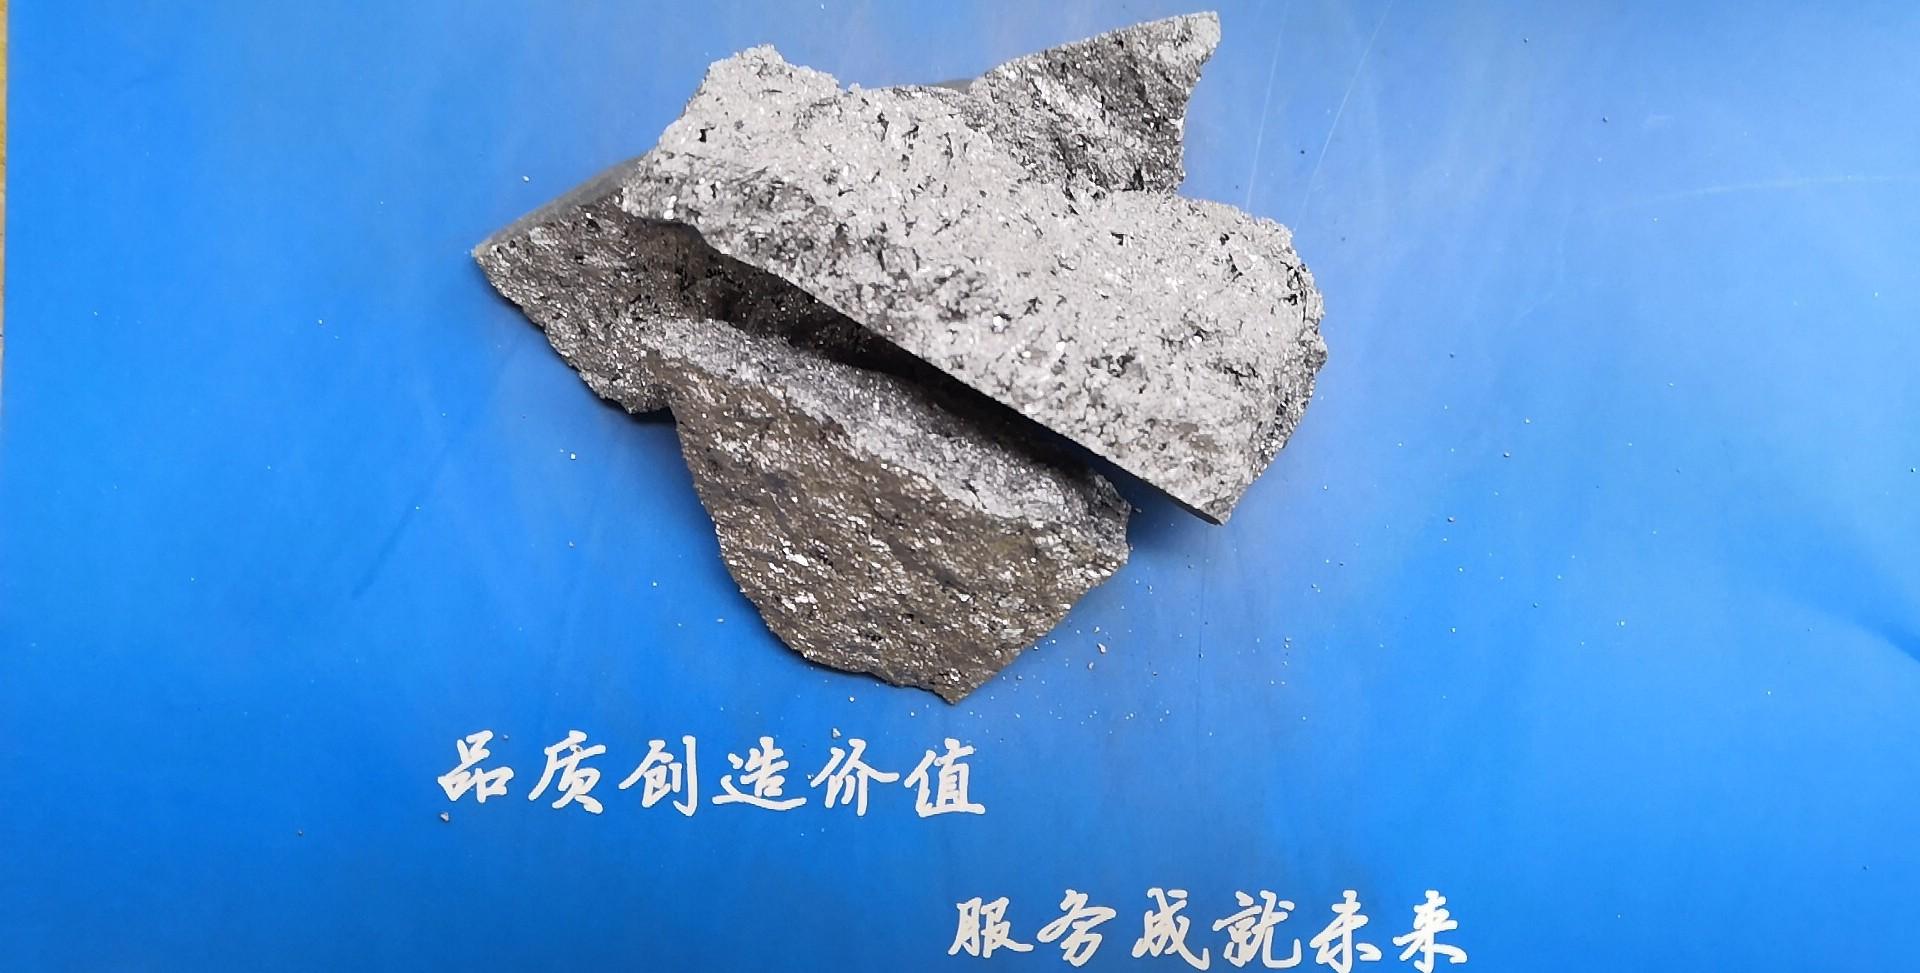 【印度-硅铁】需求平稳 硅铁价格稳定